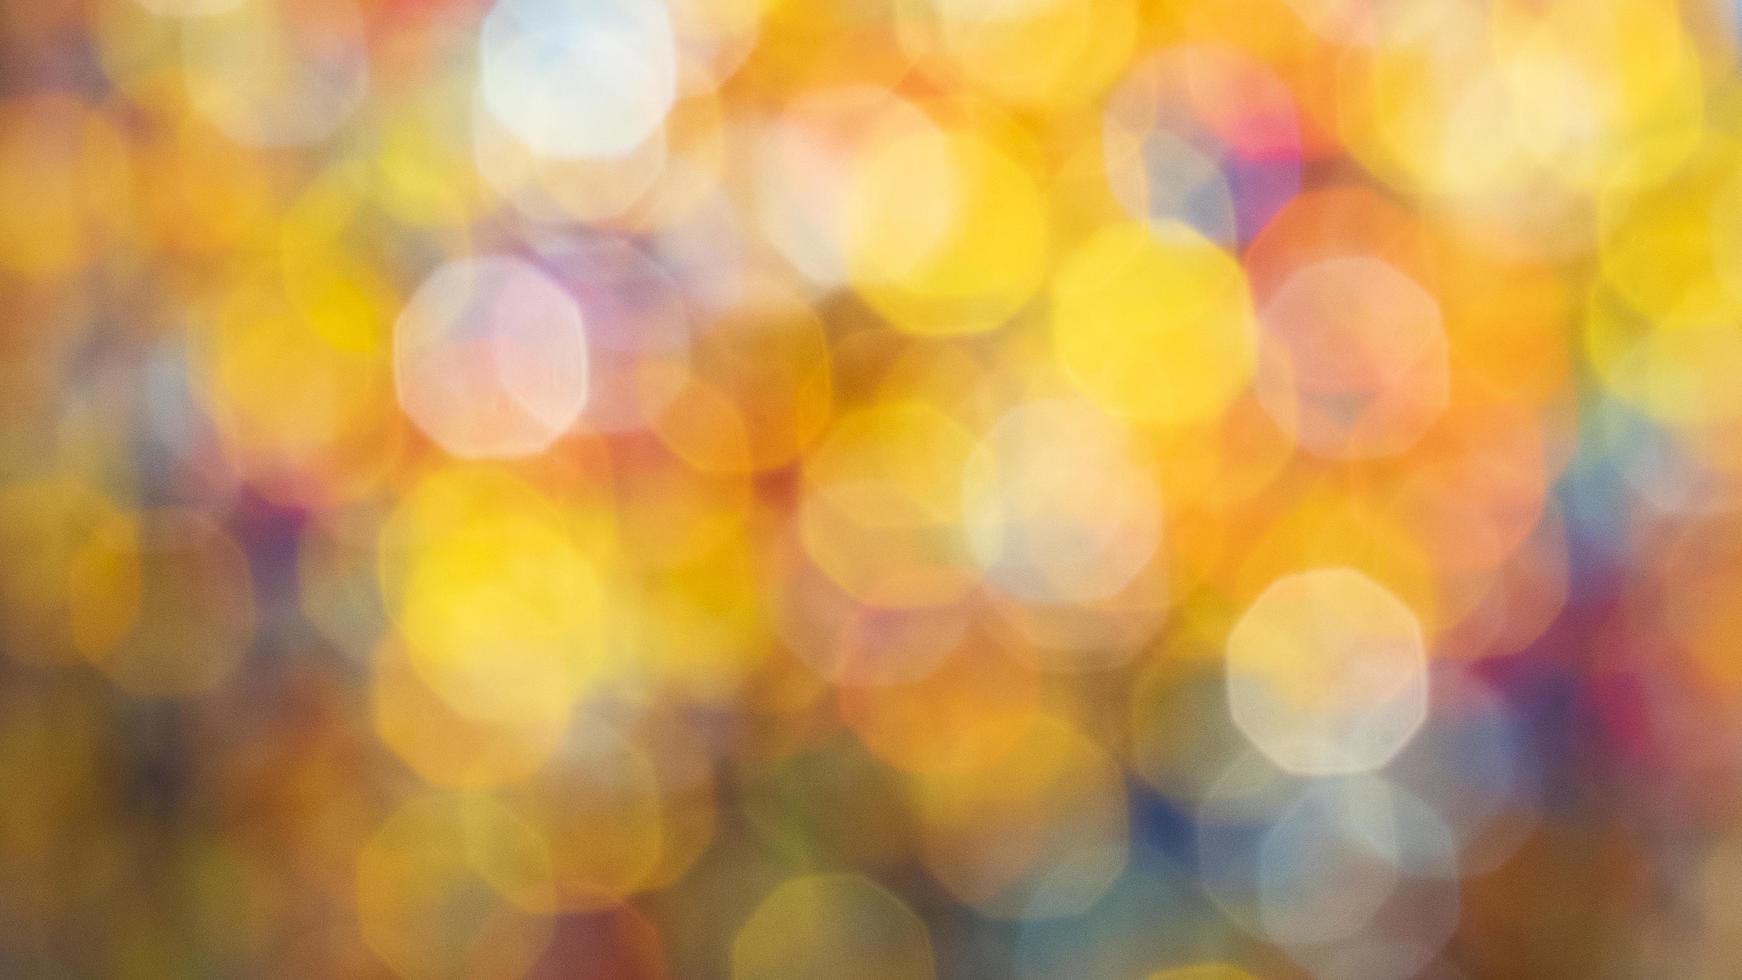 regenboog bokeh achtergrond foto